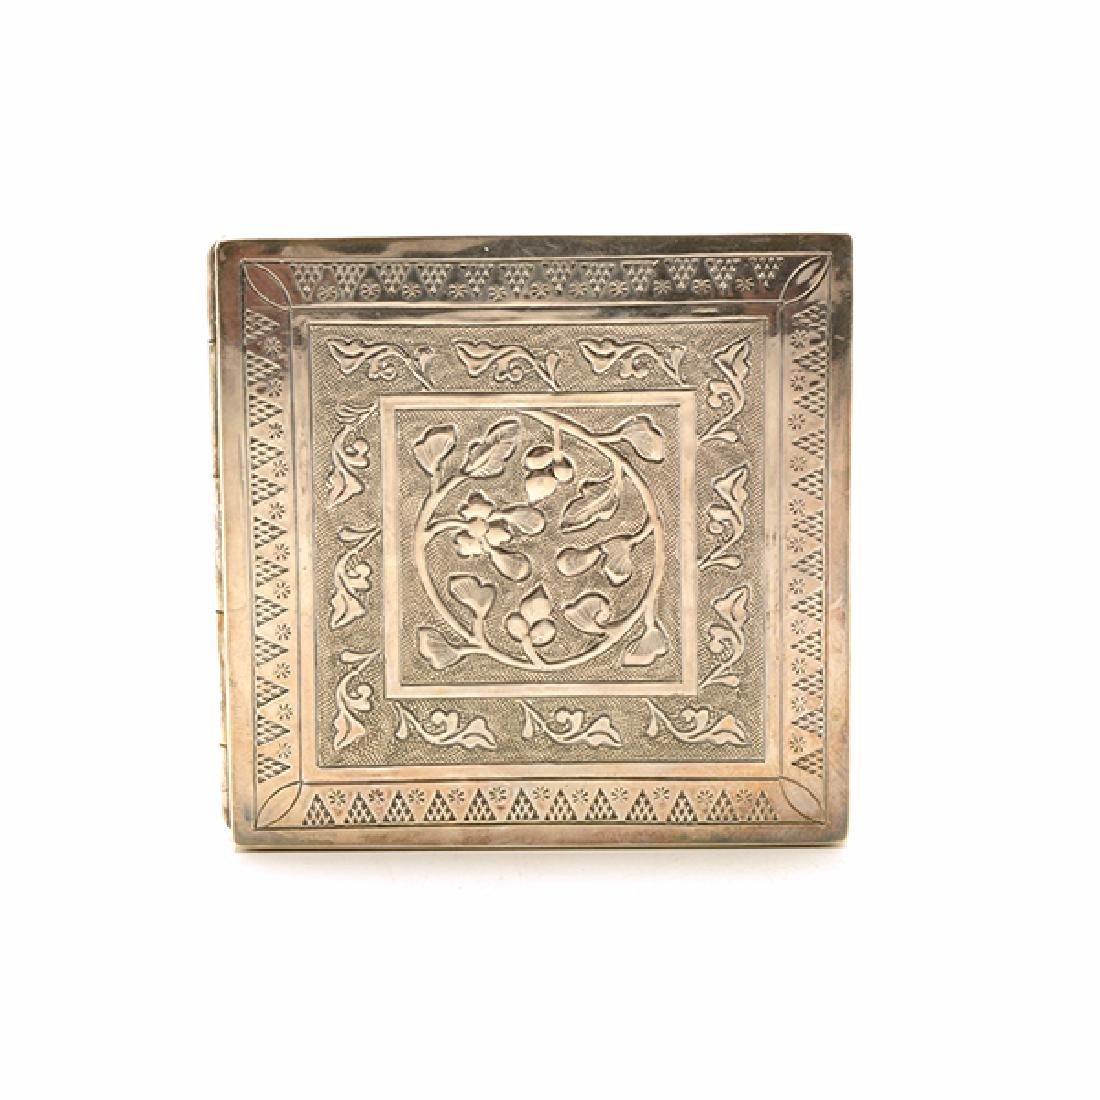 Seven Silver Snuff Boxes and Cigarette Cases - 7